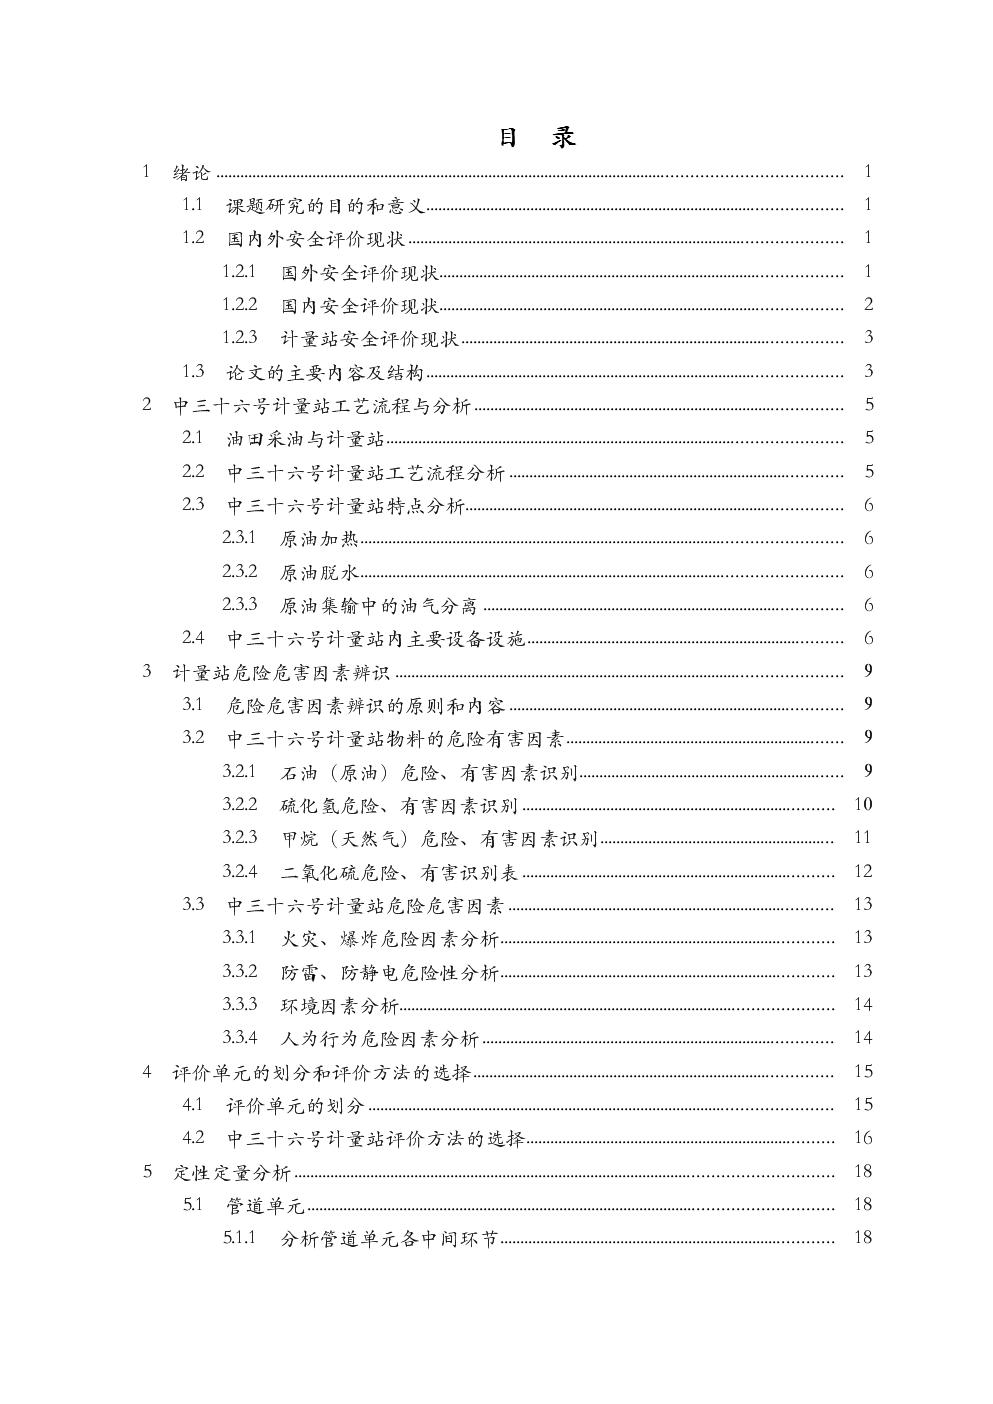 中三十六号计量站的安全评价与研究.doc